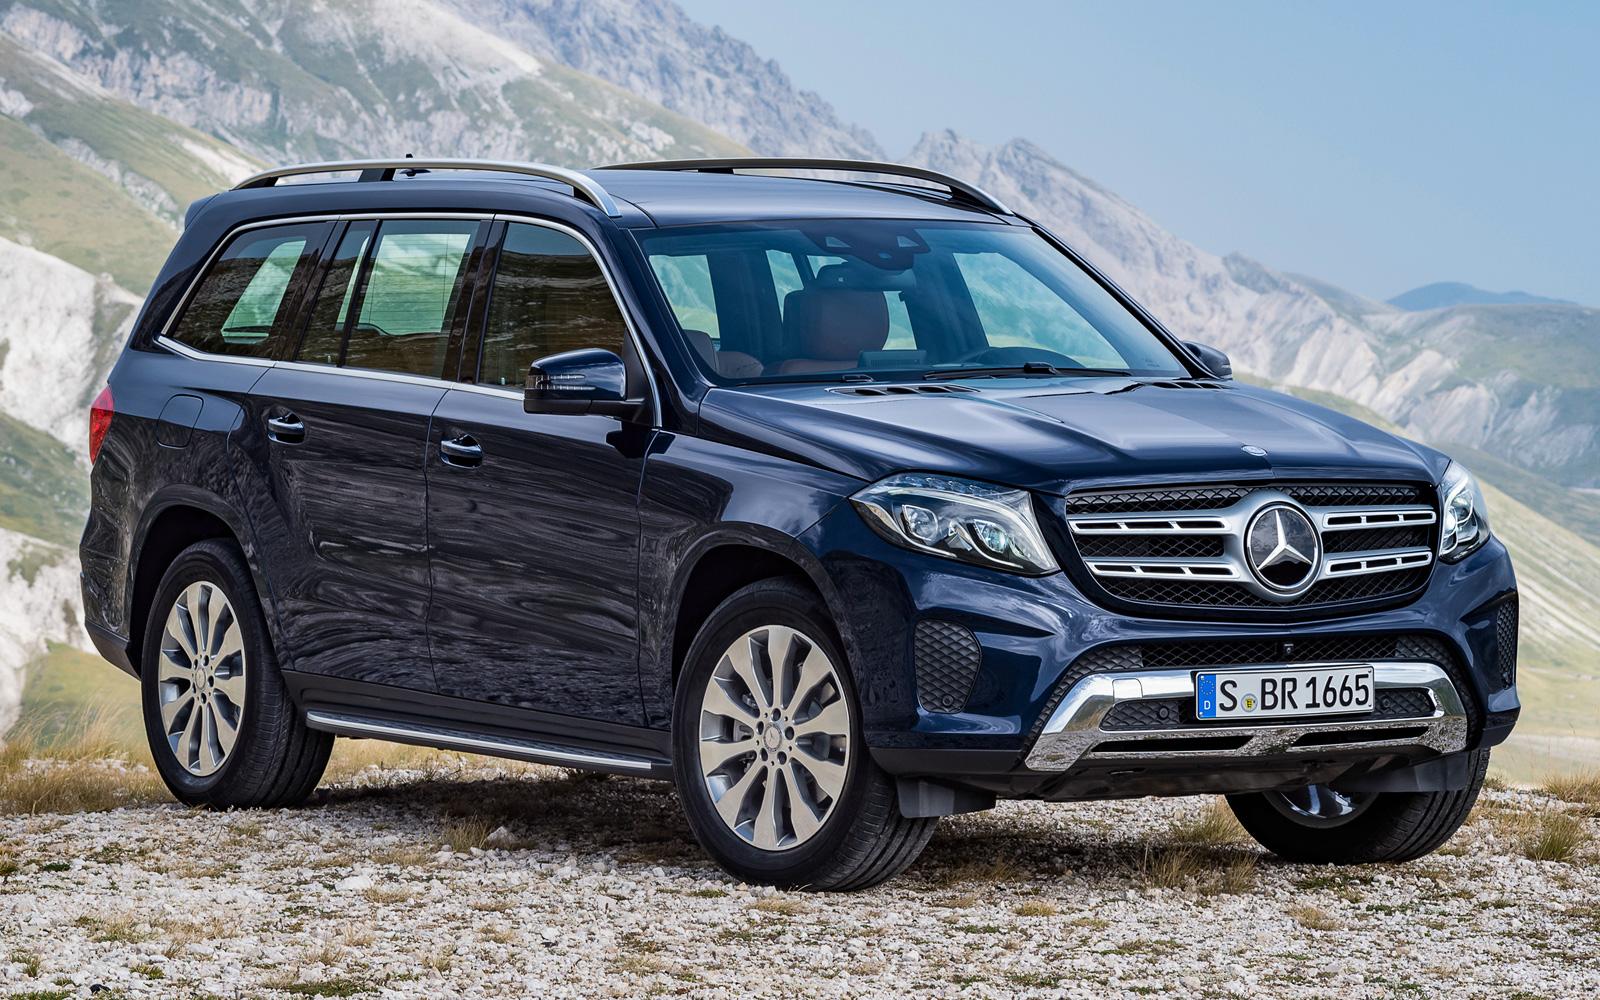 Mercedes Benz Gls 2018 >> Mercedes-Benz GLS (2018-2019) цена и характеристики, фотографии и обзор